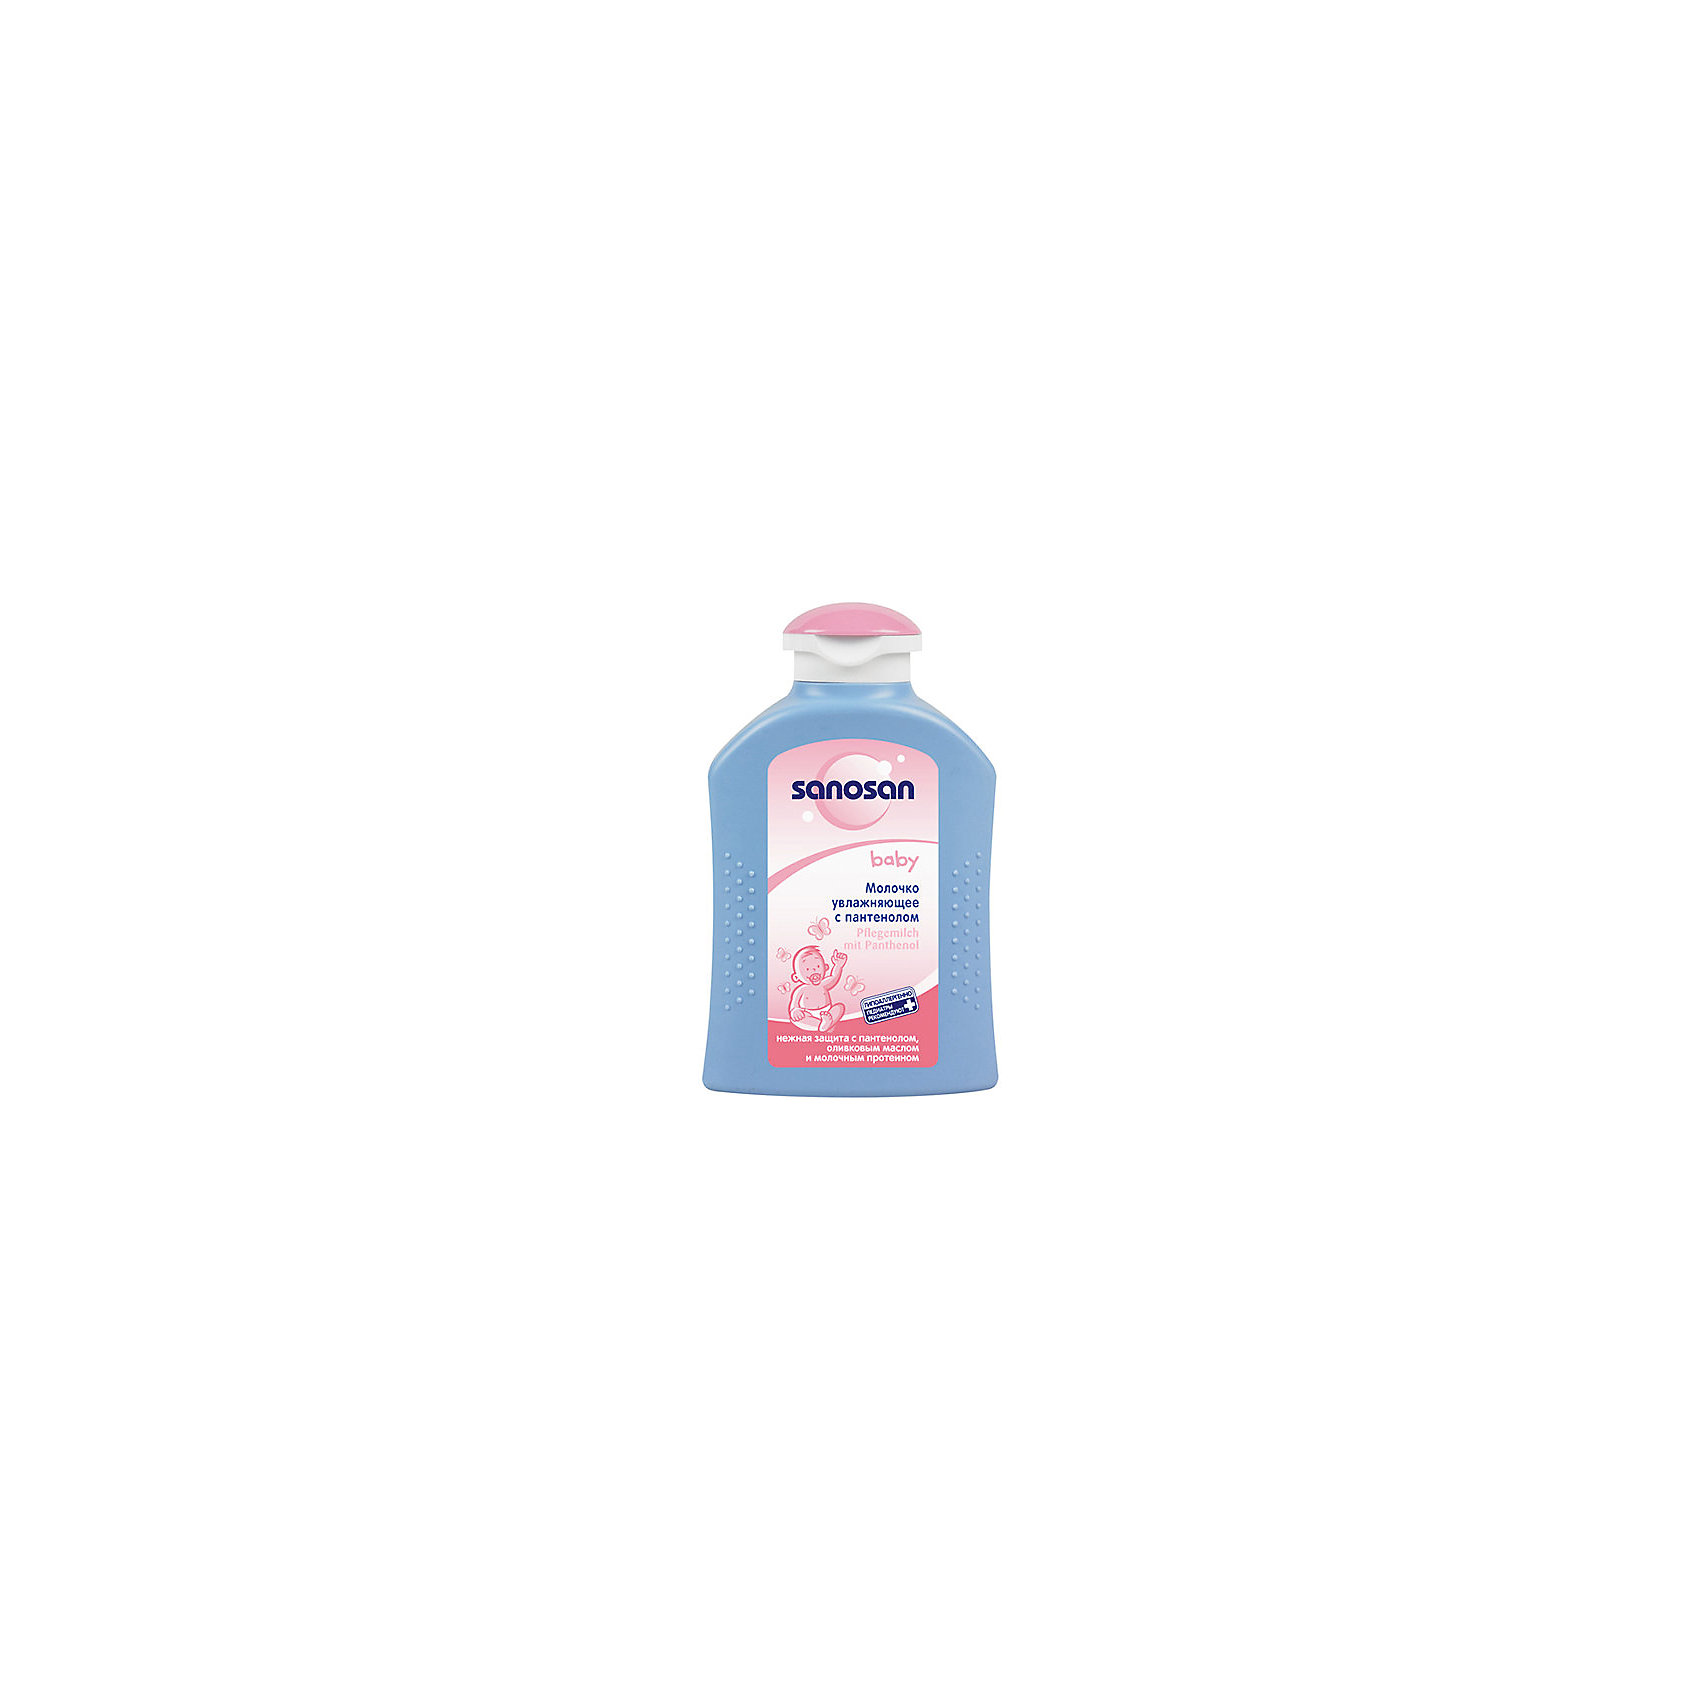 Sanosan Молочко увлажняющее с пантенолом, Sanosan, 200 мл kerastase молочко для окрашенных волос хрома каптив kerastase reflection chroma captive e0848901 200 мл